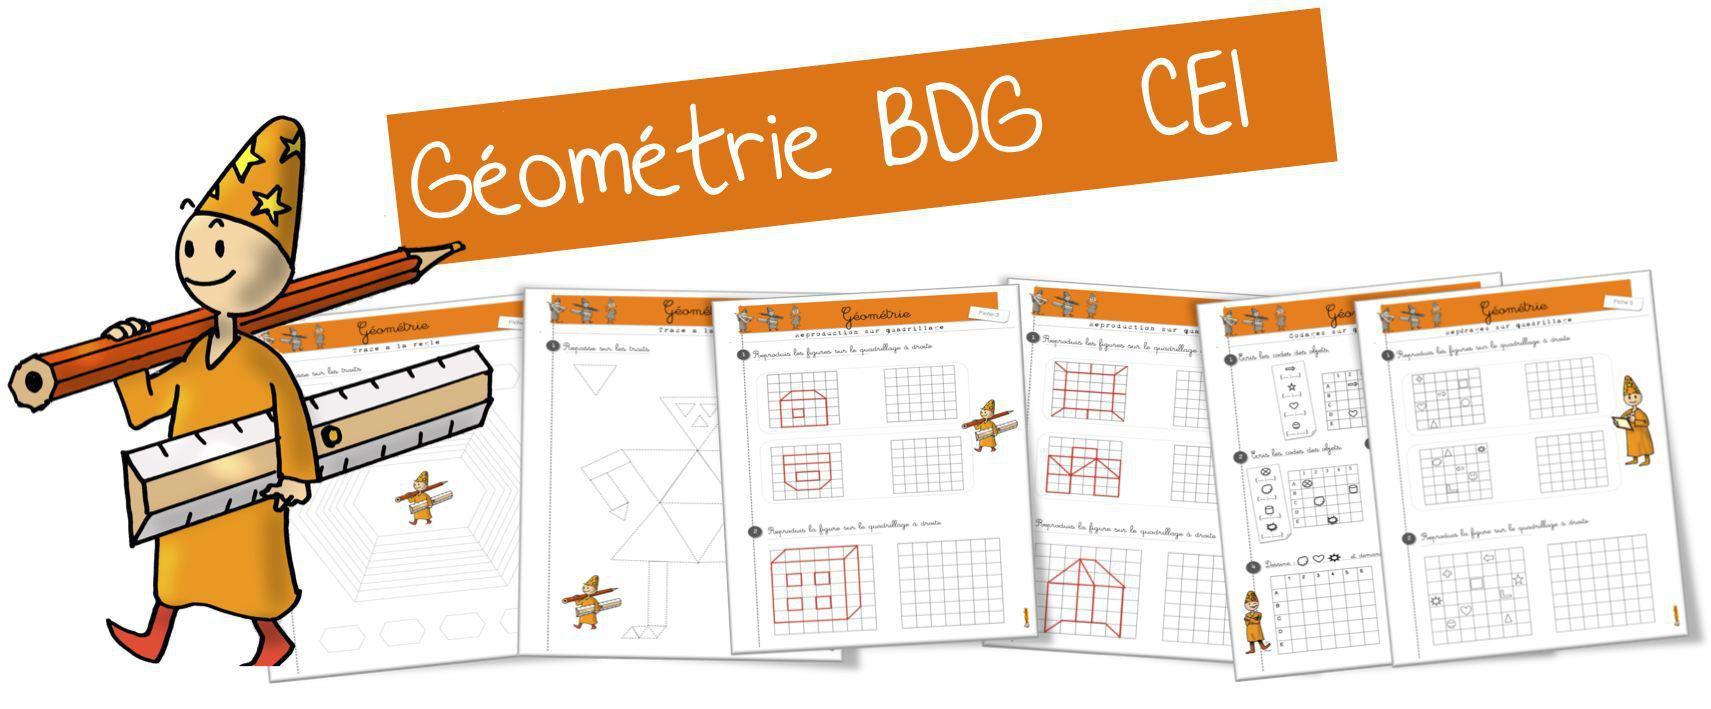 Exercices Geometrie Ce1 A La Bdg Par Bout De Gomme Jenseigne Fr